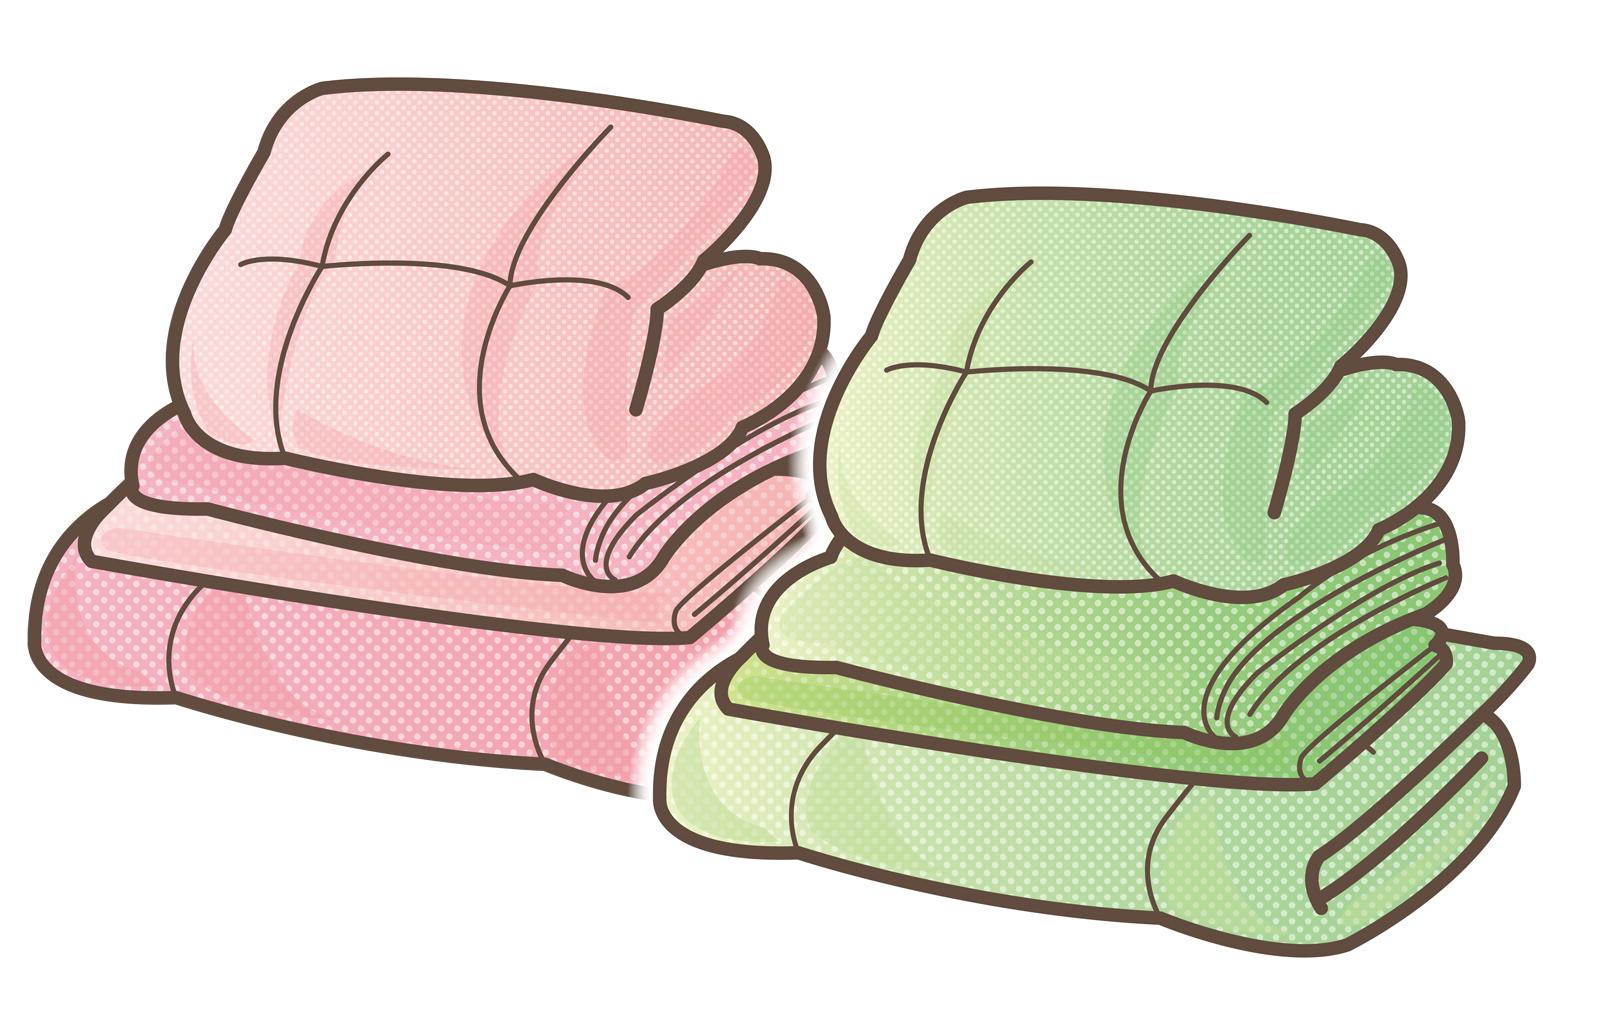 羽毛布団のイメージ画像